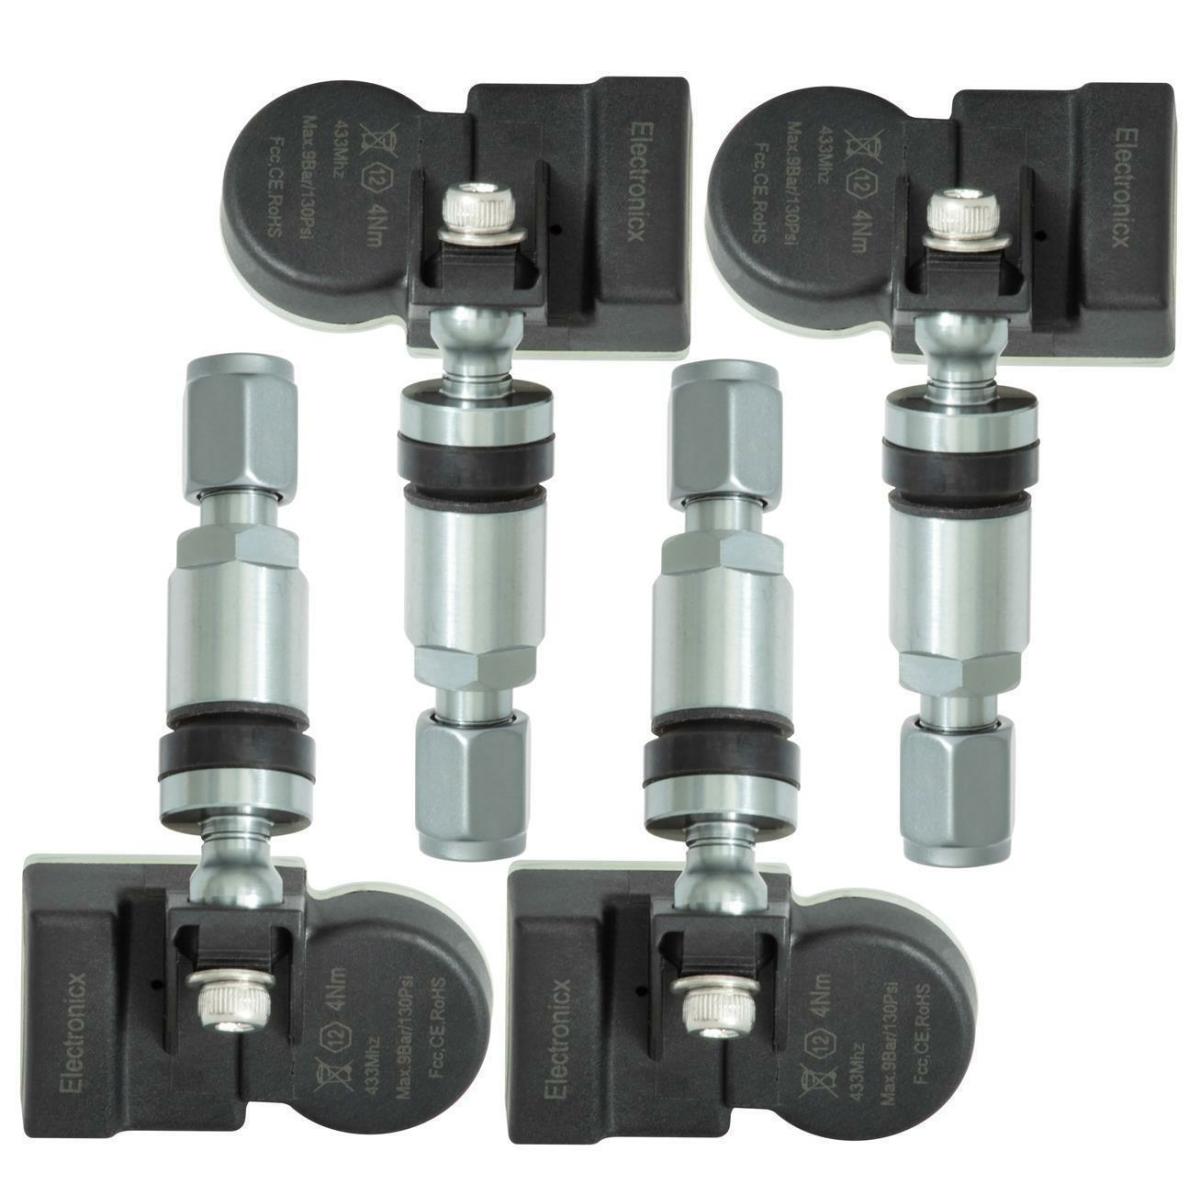 4 capteurs de pression des pneus TPMS valve métallique gris foncé pour la Ford Mustag Fiesta ST Mazda